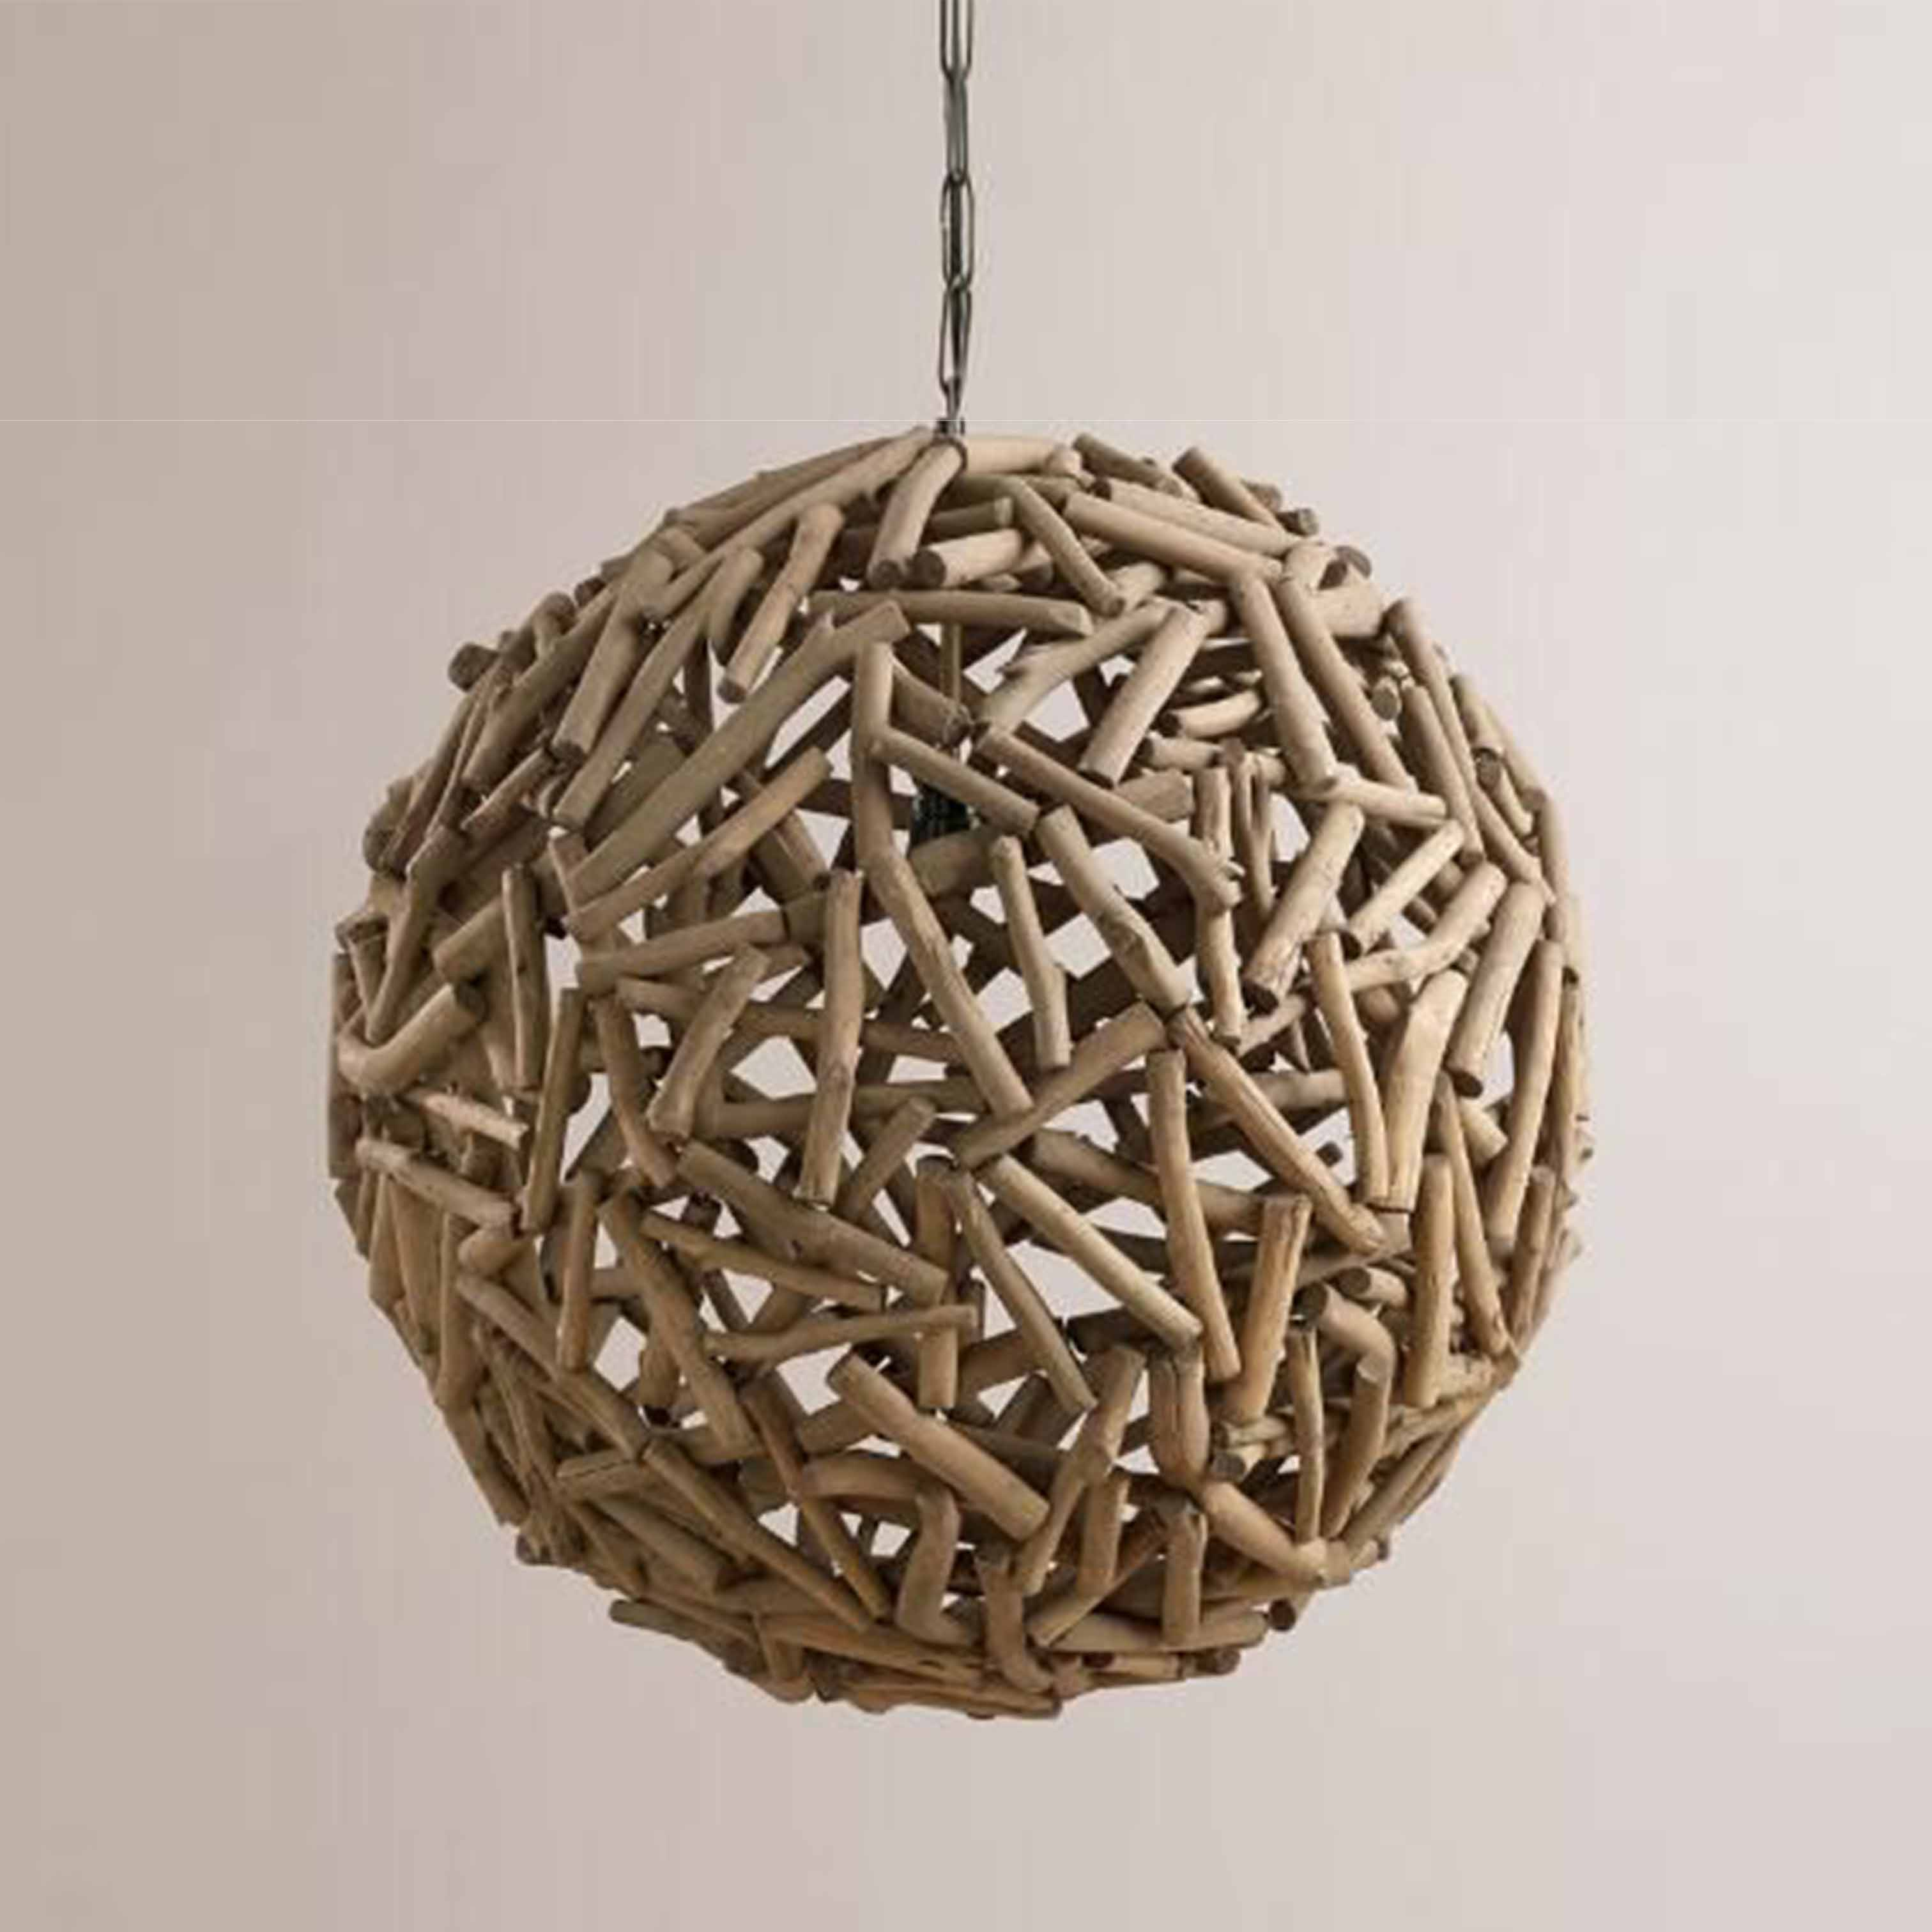 Đèn gỗ tròn trang trí nghệ thuật - D45LHFU